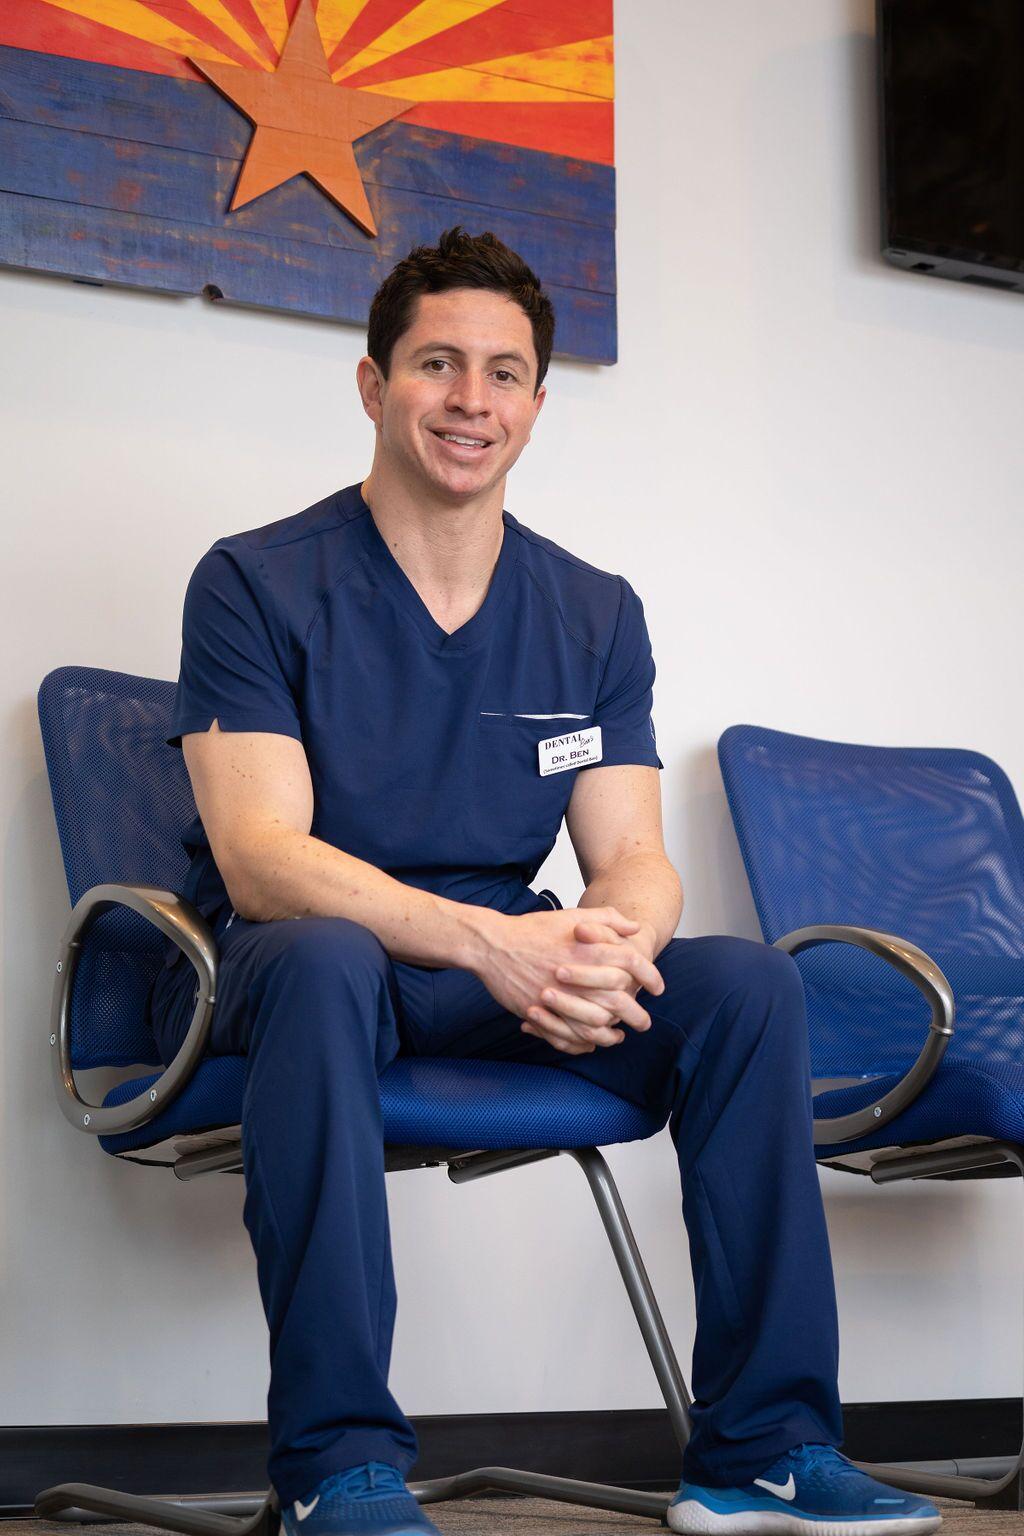 Dr. Ben Cooperman sitting down - Dentist in Peoria, AZ 85383